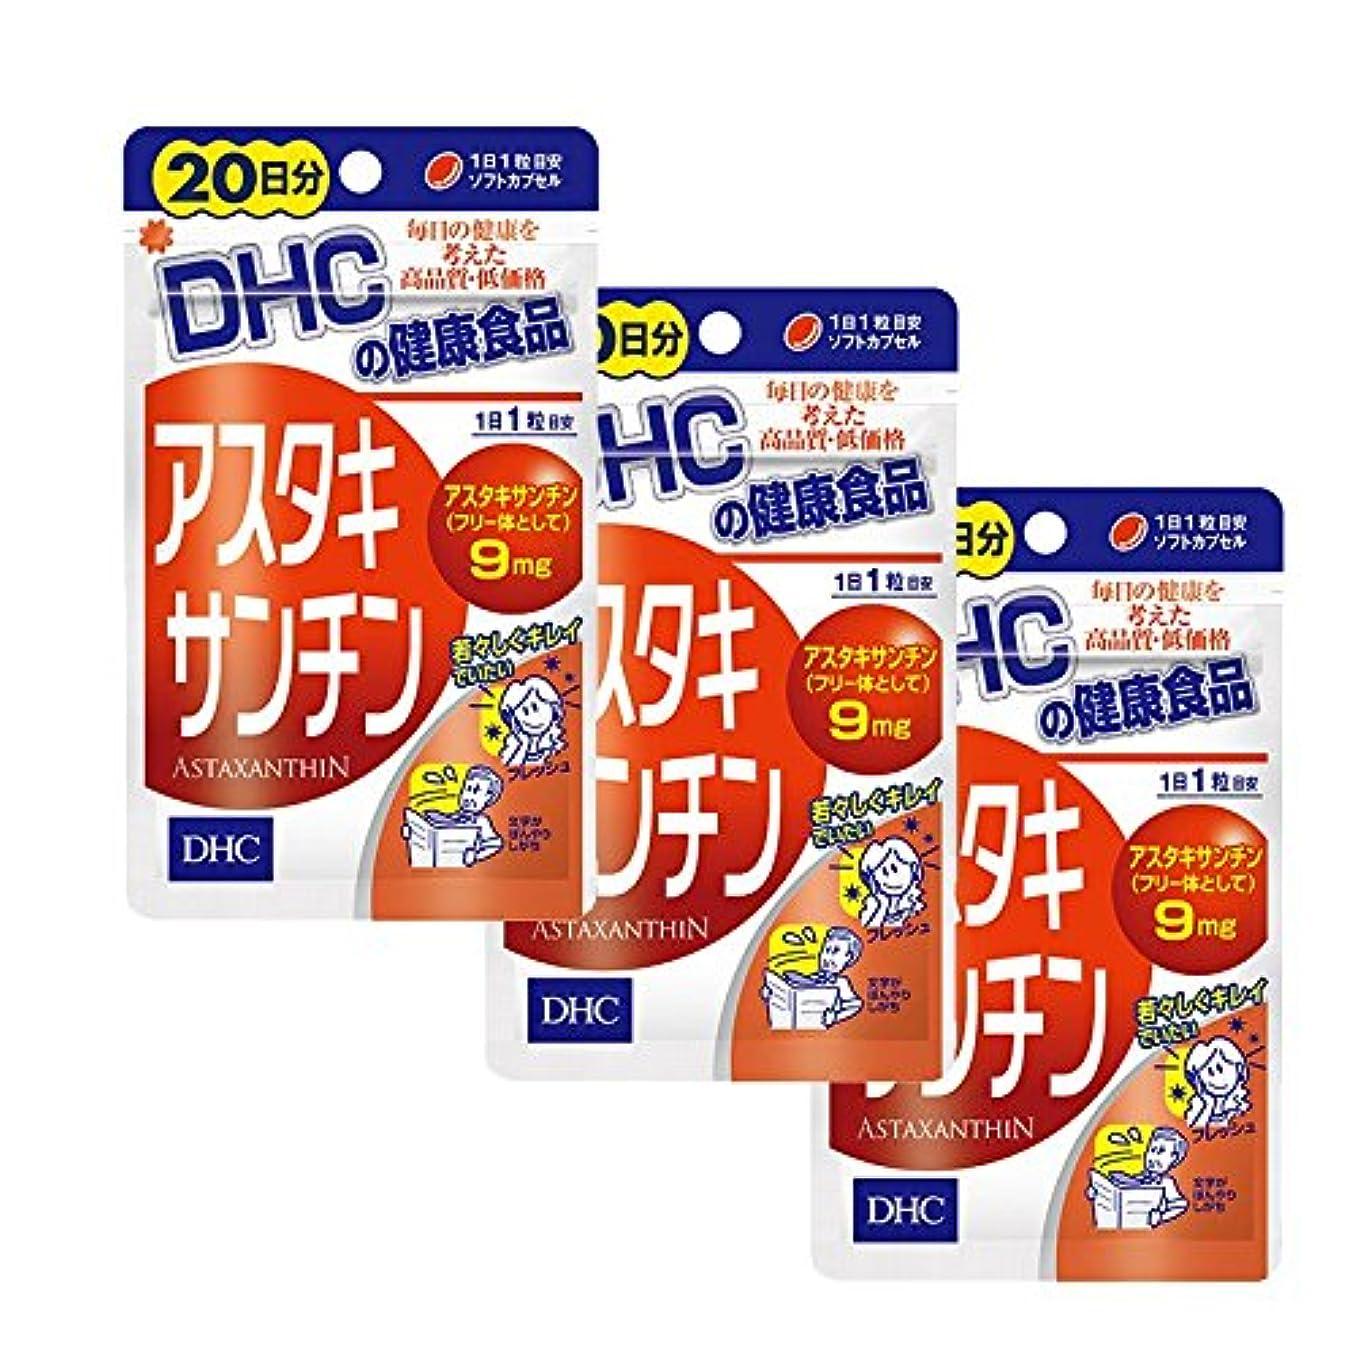 知り合い通り抜ける振るう【セット品】DHC 20日アスタキサンチン 20粒(6.4g) 3個セット